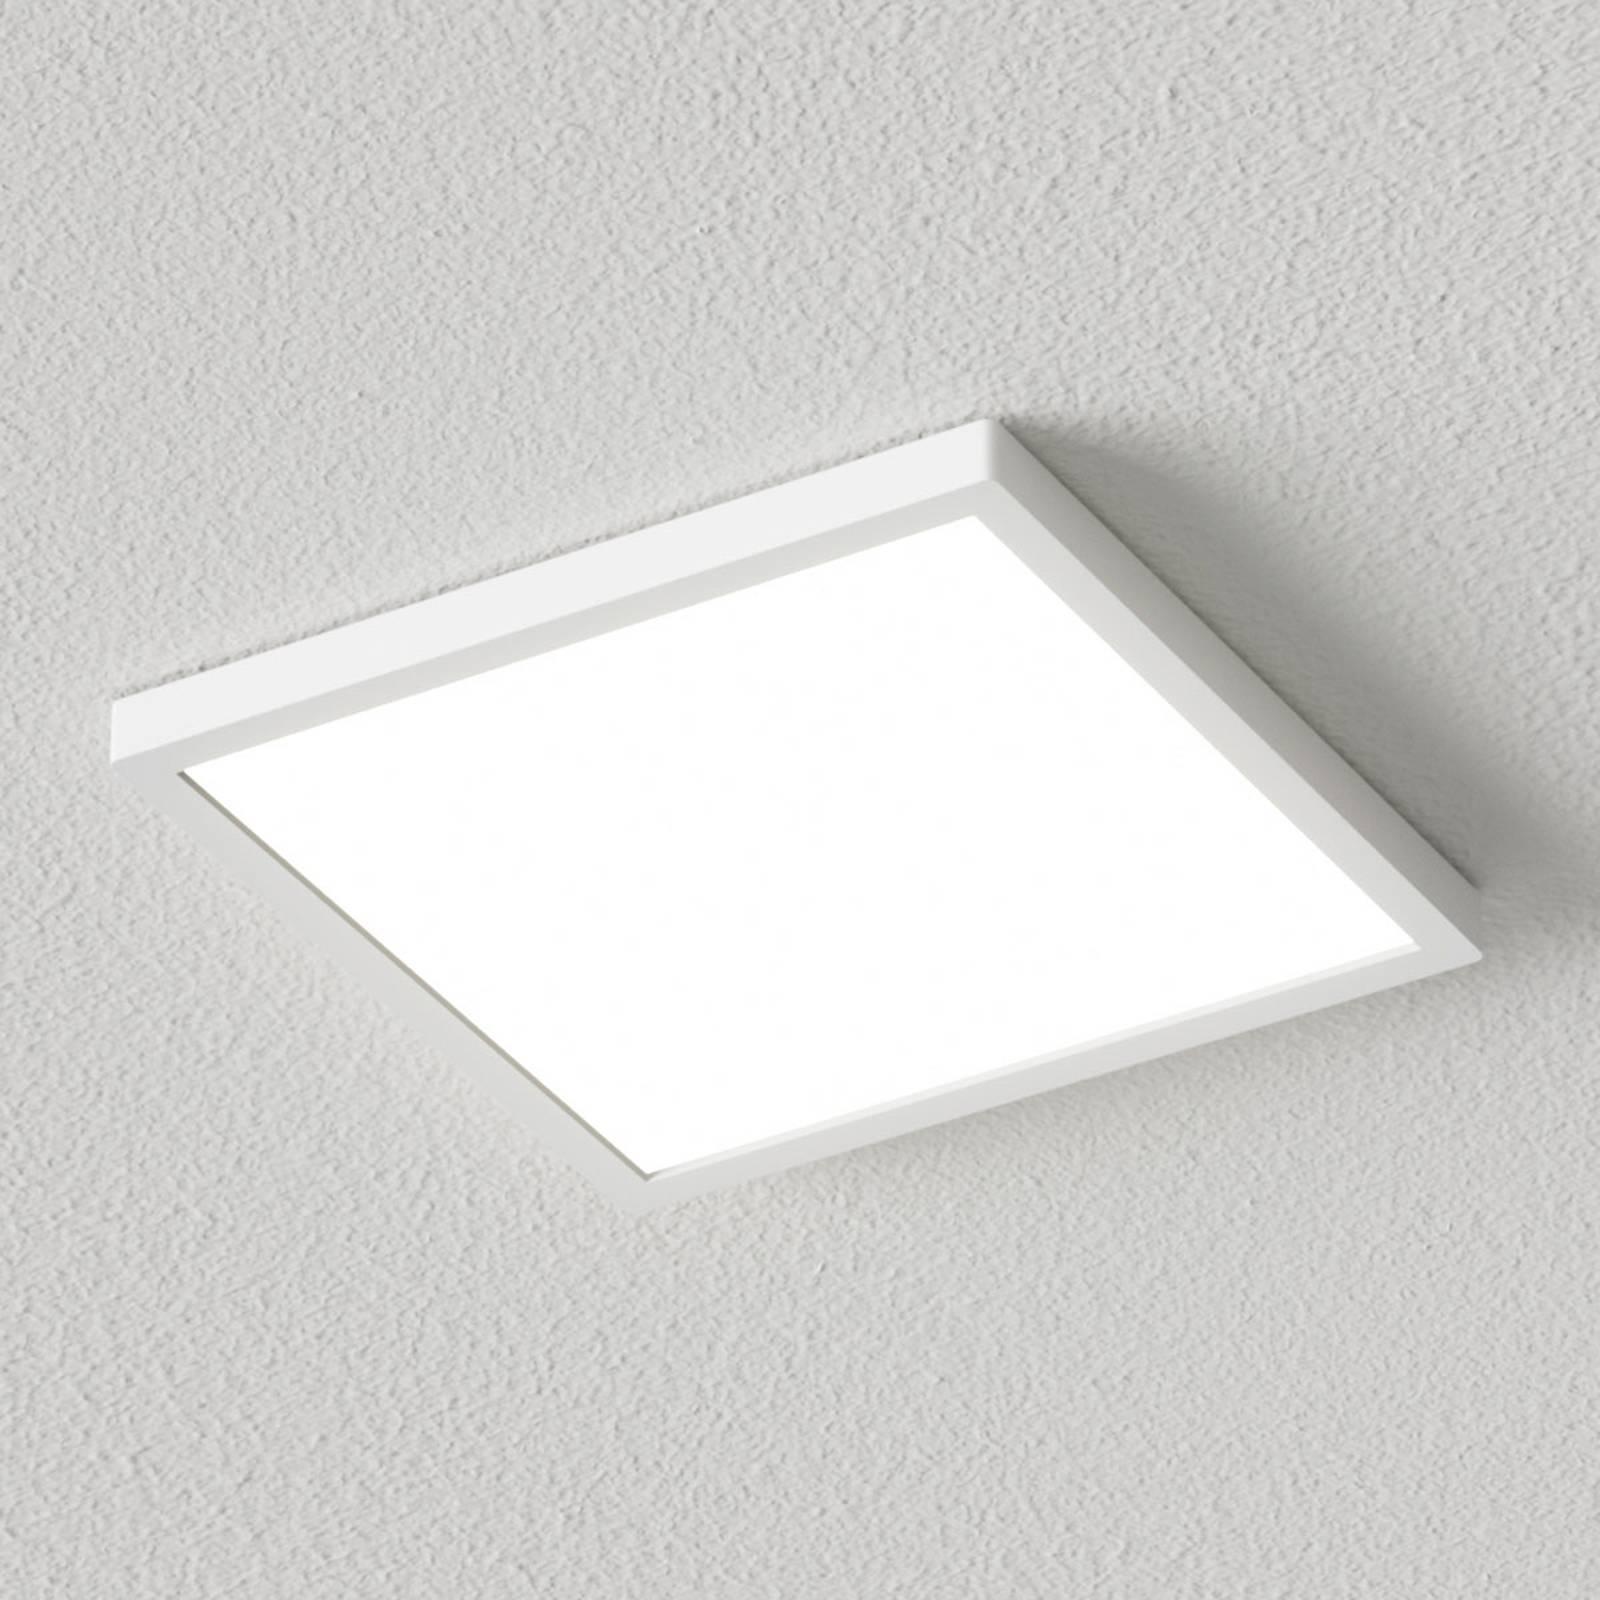 Valkoinen kulmikas LED-kattovalaisin Solvie